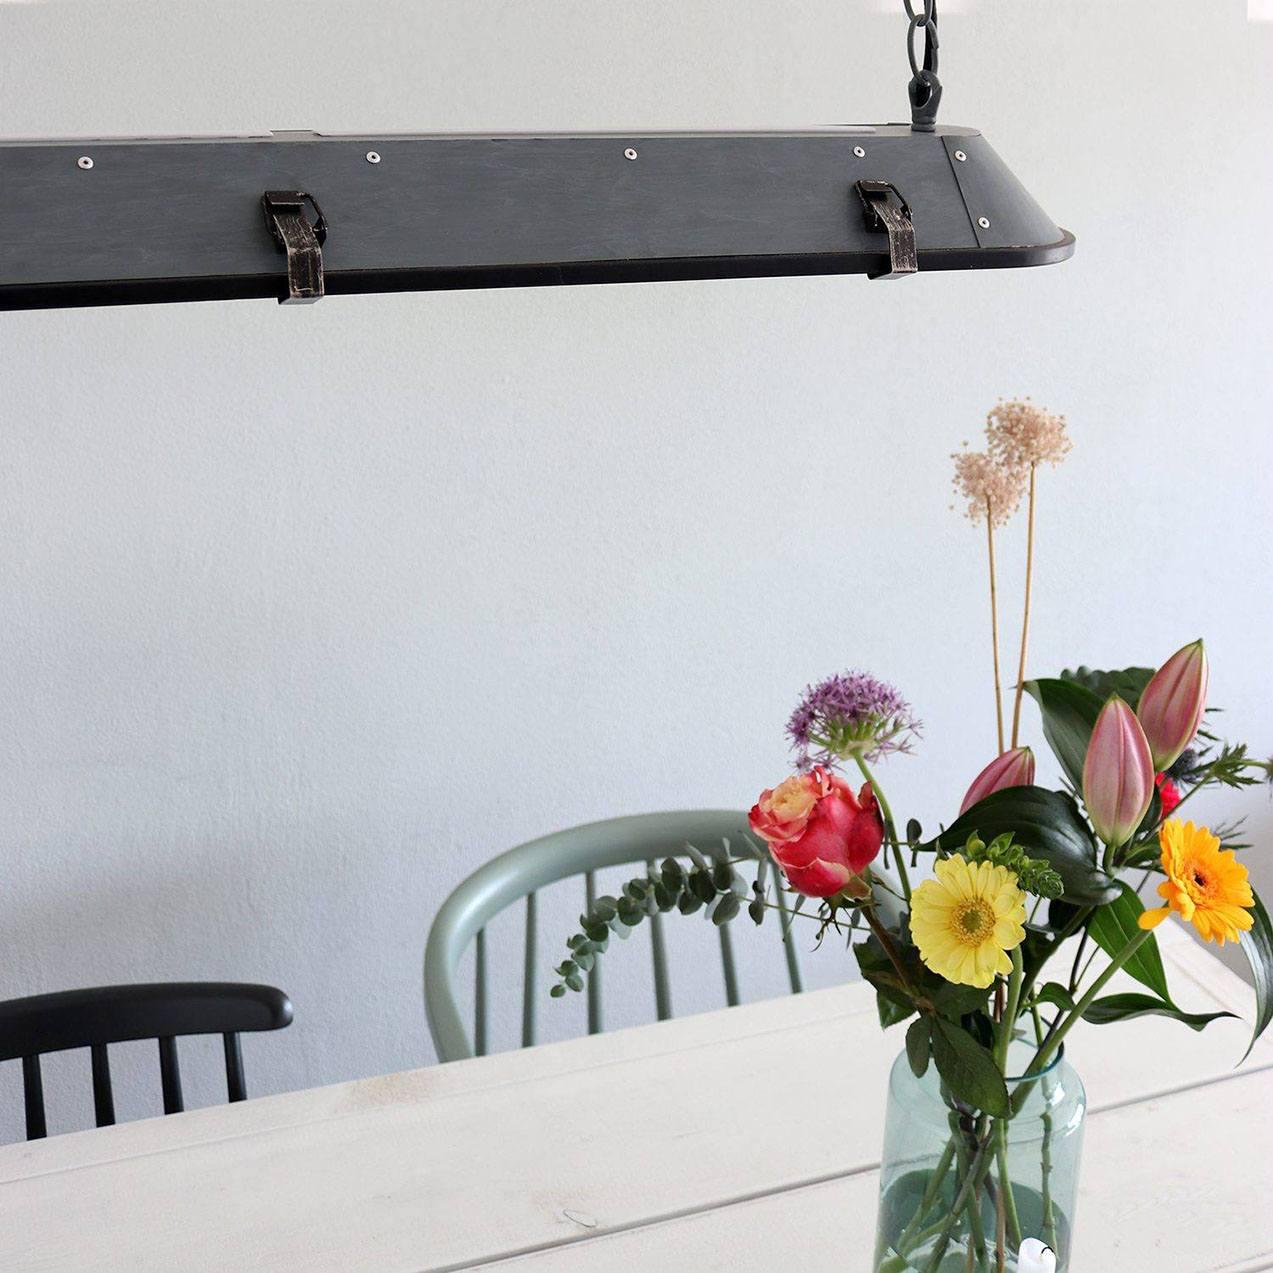 Stoere hanglamp voor boven eettafel van Steinhauer, bij Webo Verlichting in Beuningen bij Nijmegen.